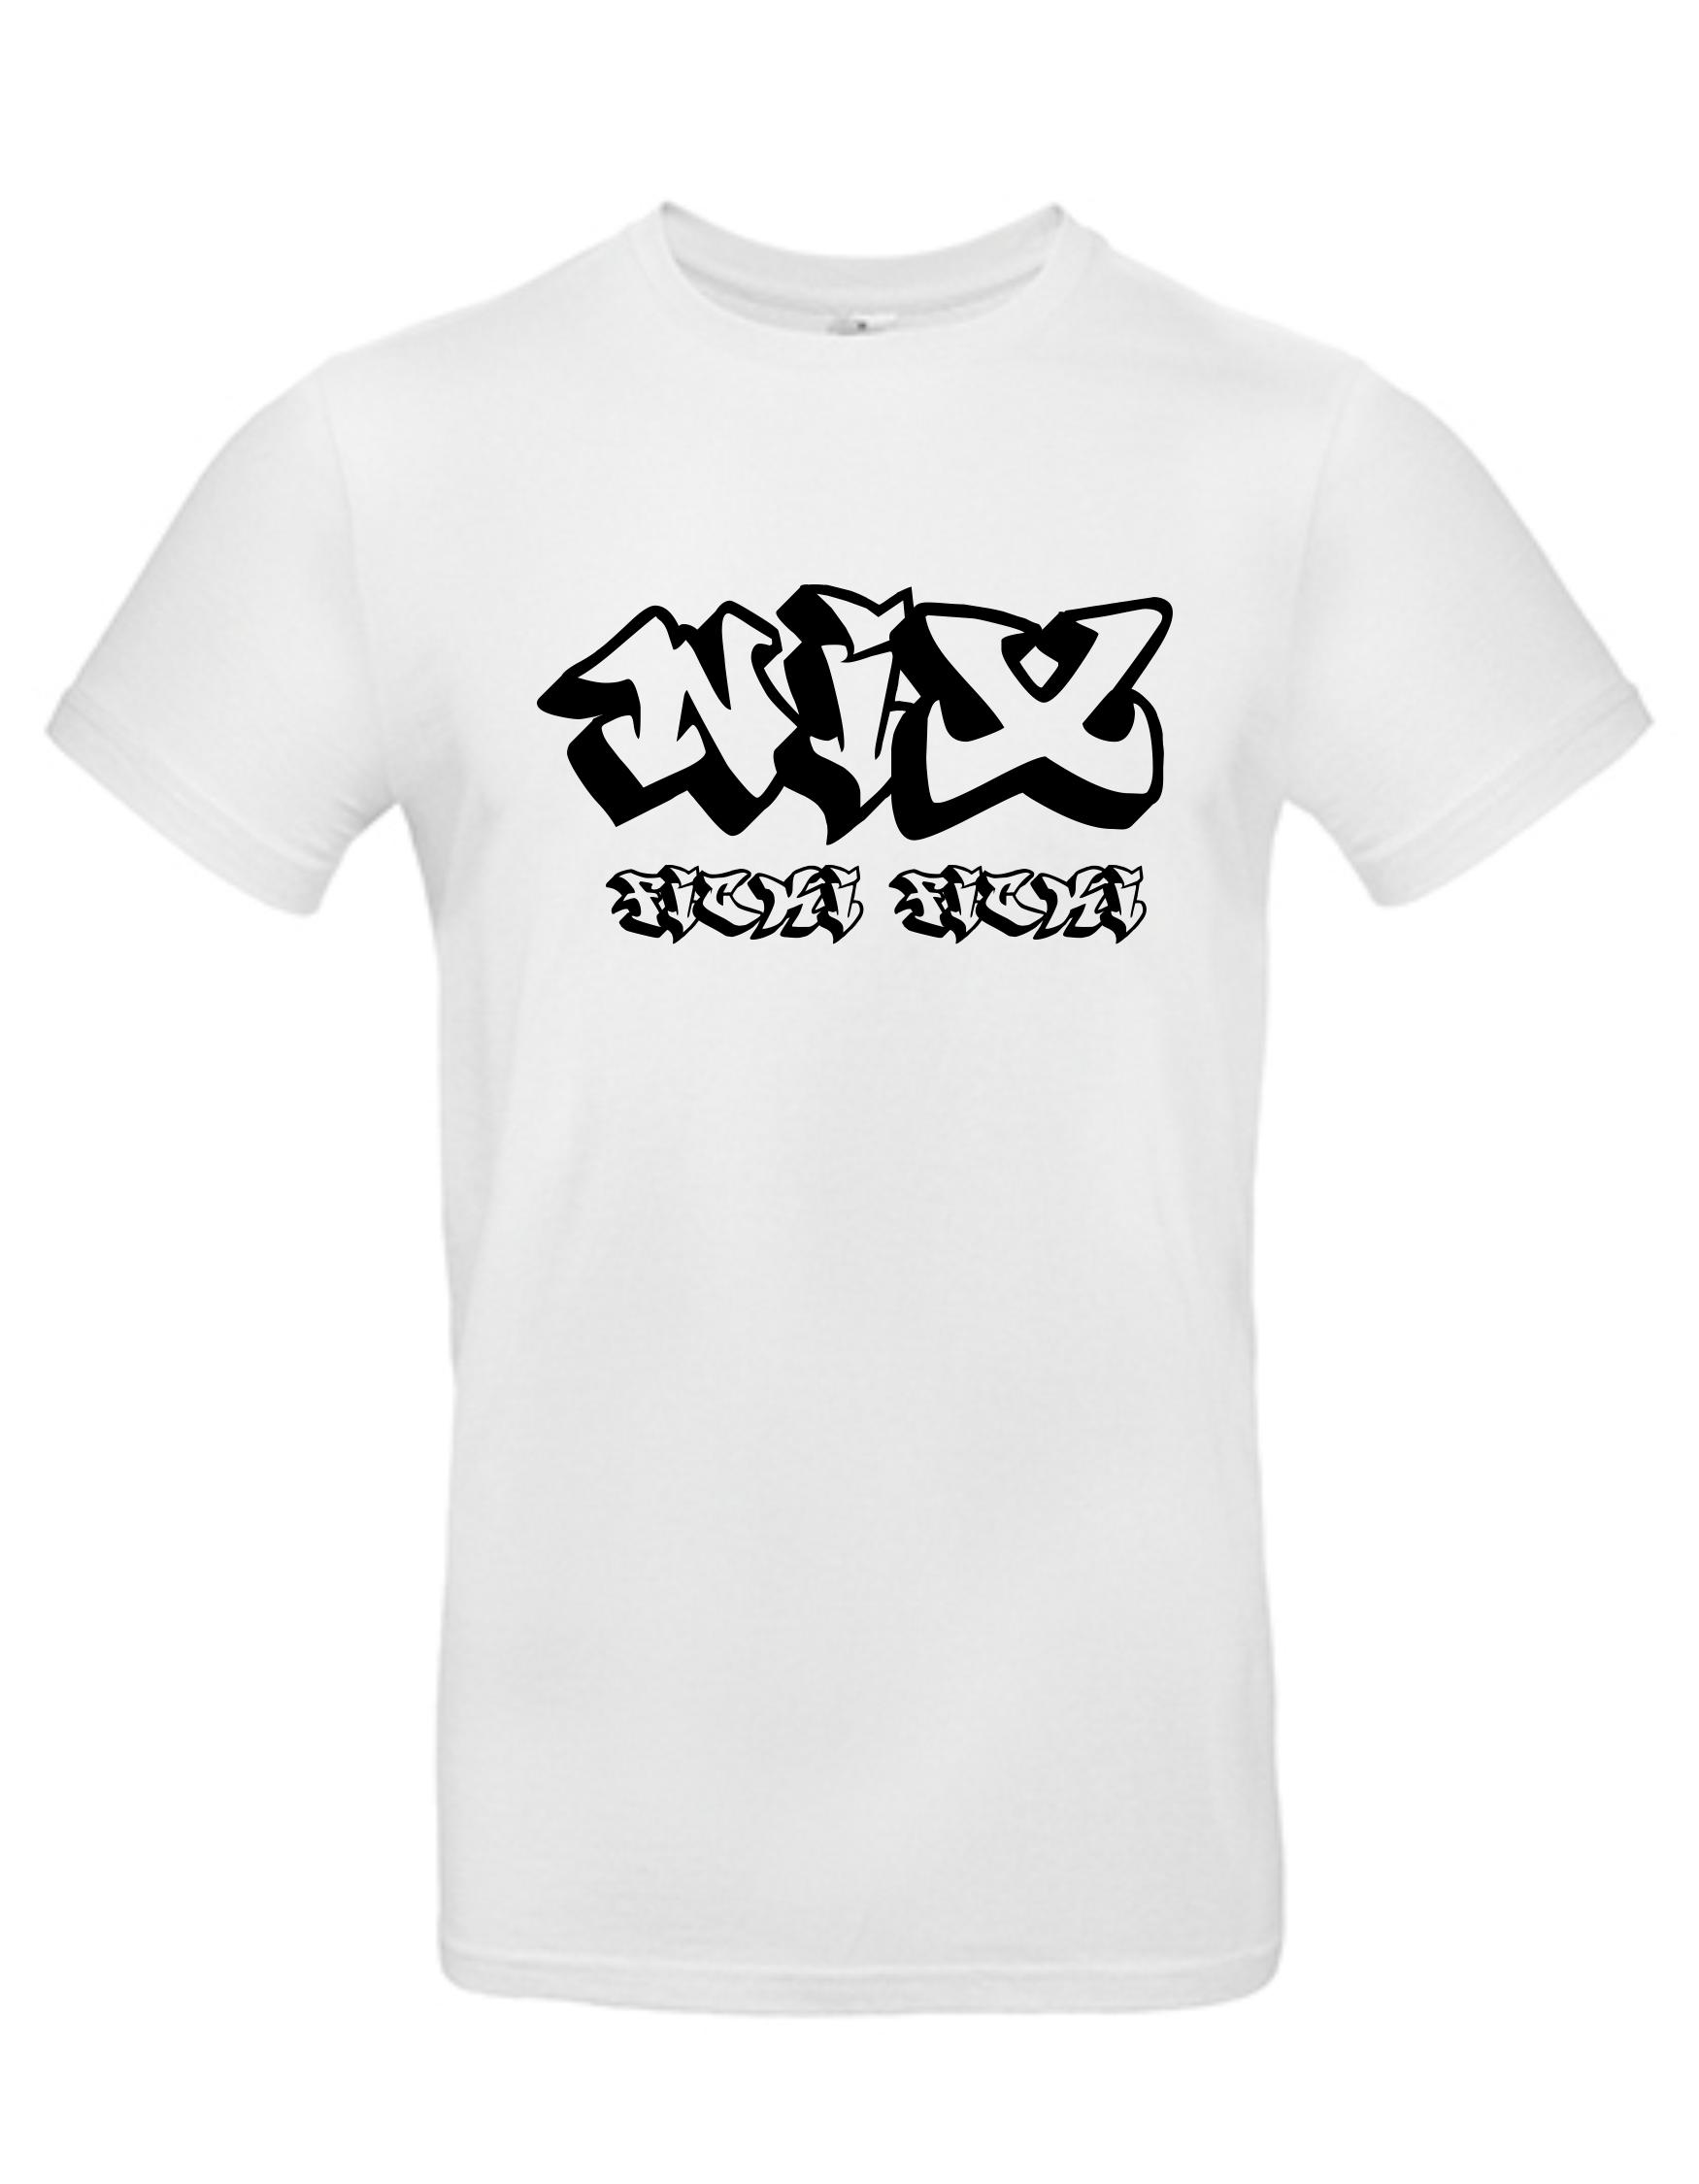 NIX FICKI FICKI T-Shirt #E190